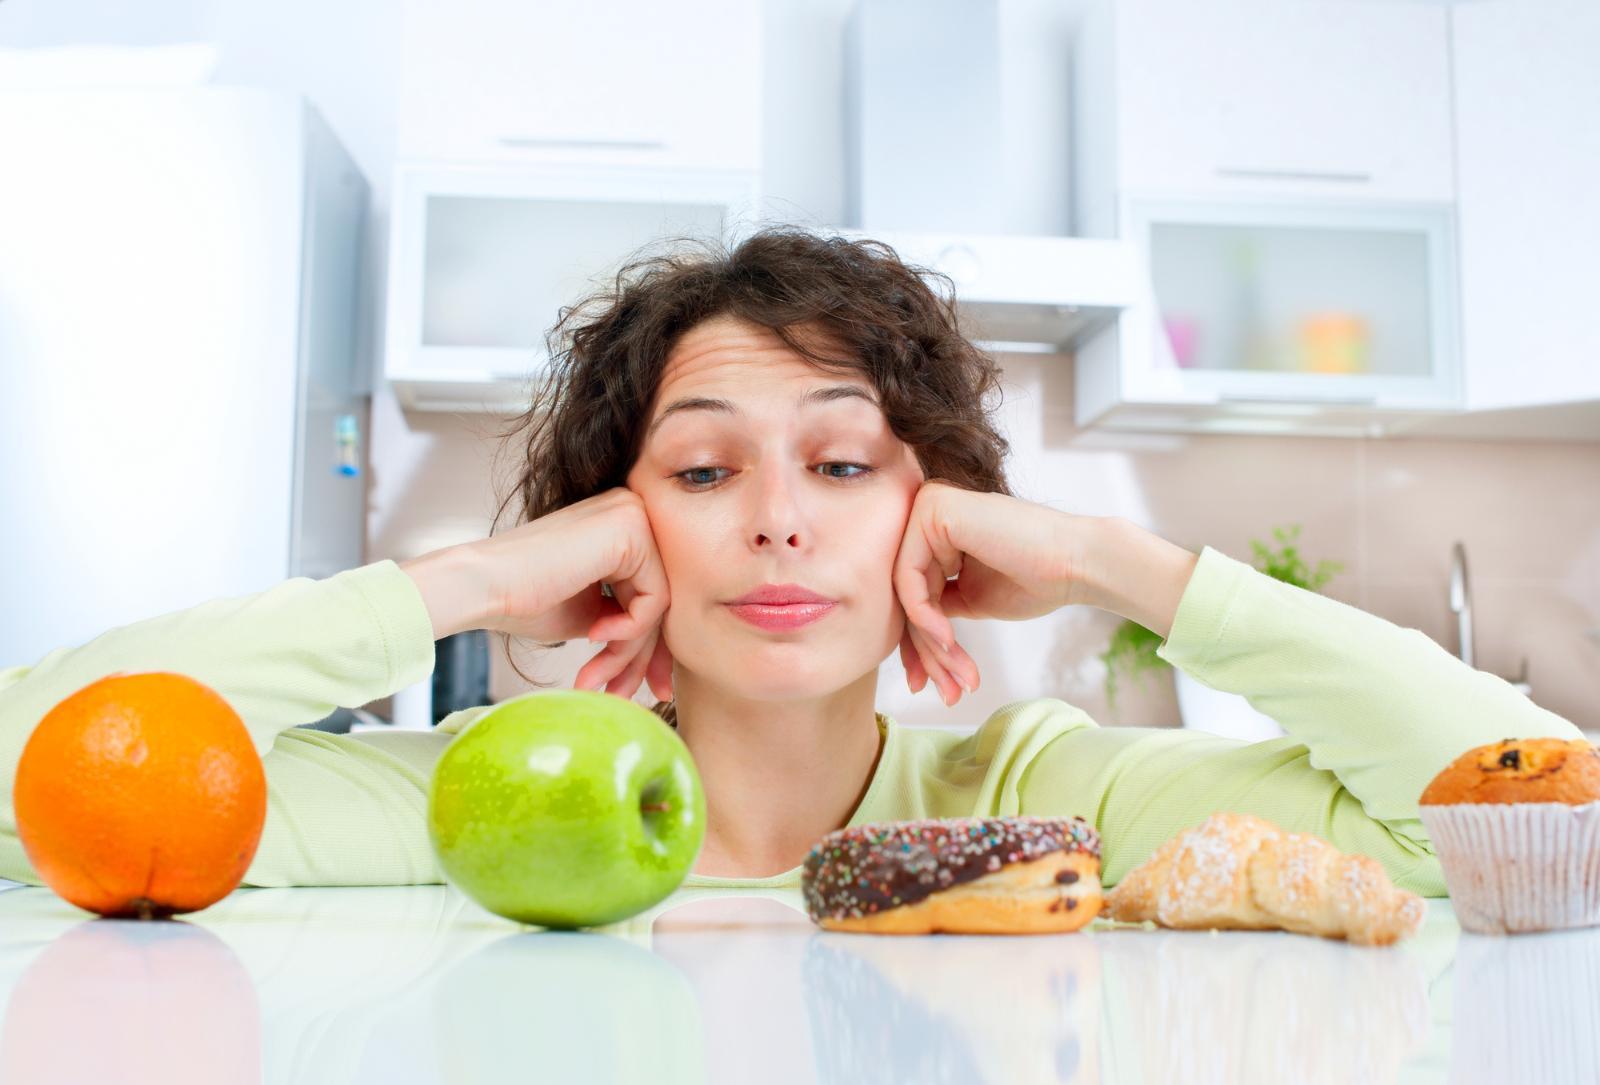 Не в конфетах дело! Десять мифов о сахарном диабете